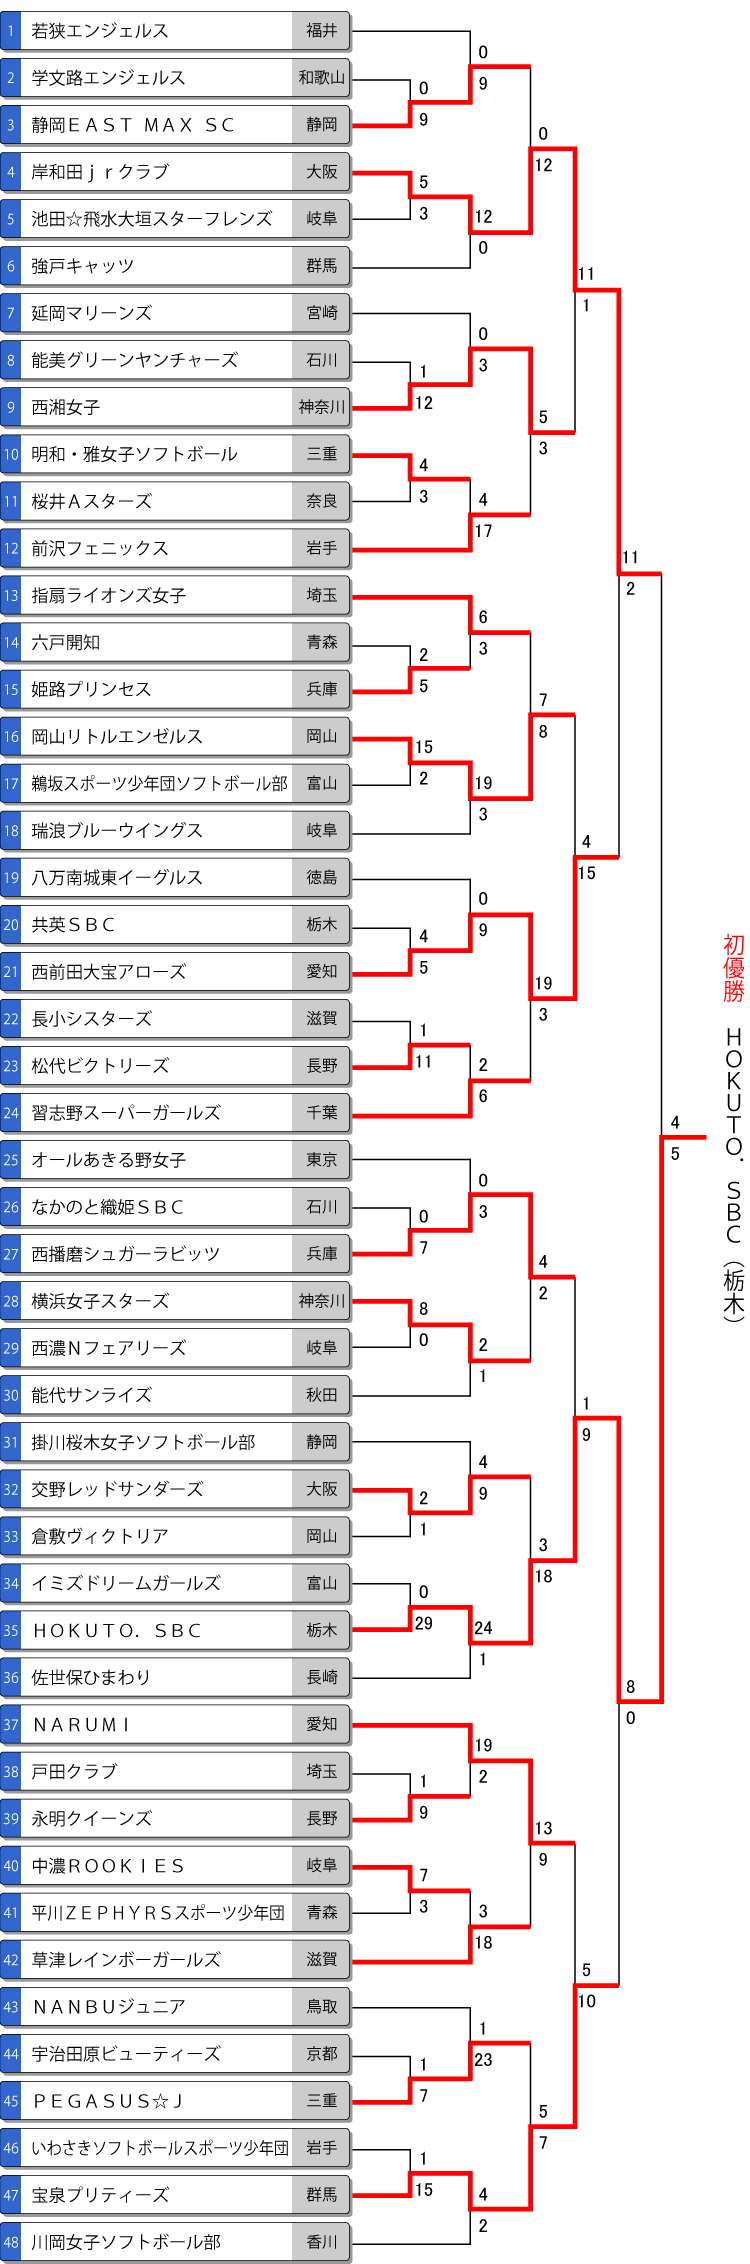 第12回春季全日本小学生女子大会トーナメント表